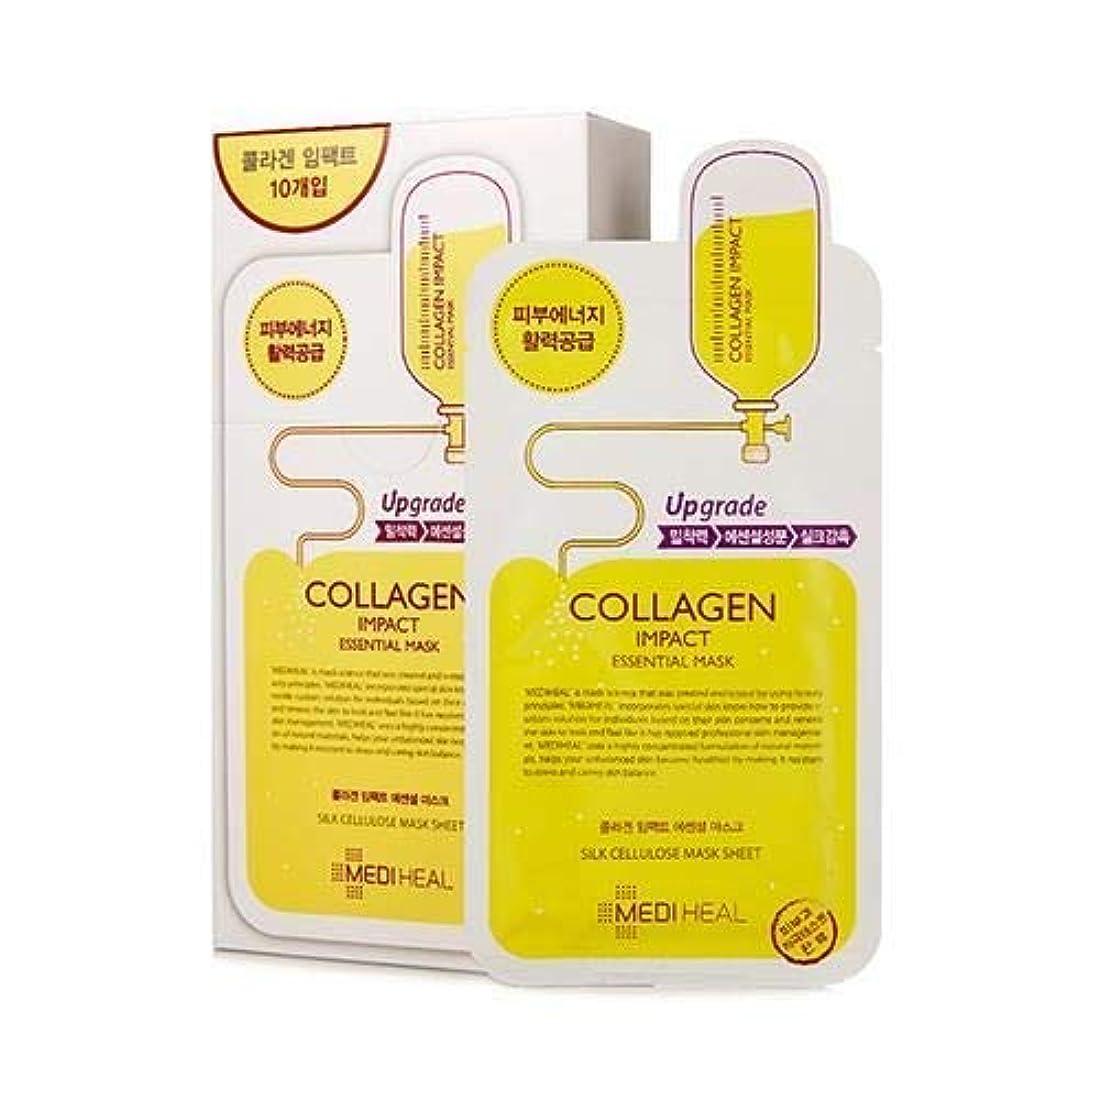 リーン回転する蚊[10+10] [メディヒール] Mediheal Collagen Impact REX [コラーゲンインパクト エッセンシャルマスクREX (10枚)] + [ Vita Lightbeam ビター ライトビーム エッセンシャル マスクパック EX (10枚)] (海外直送品)